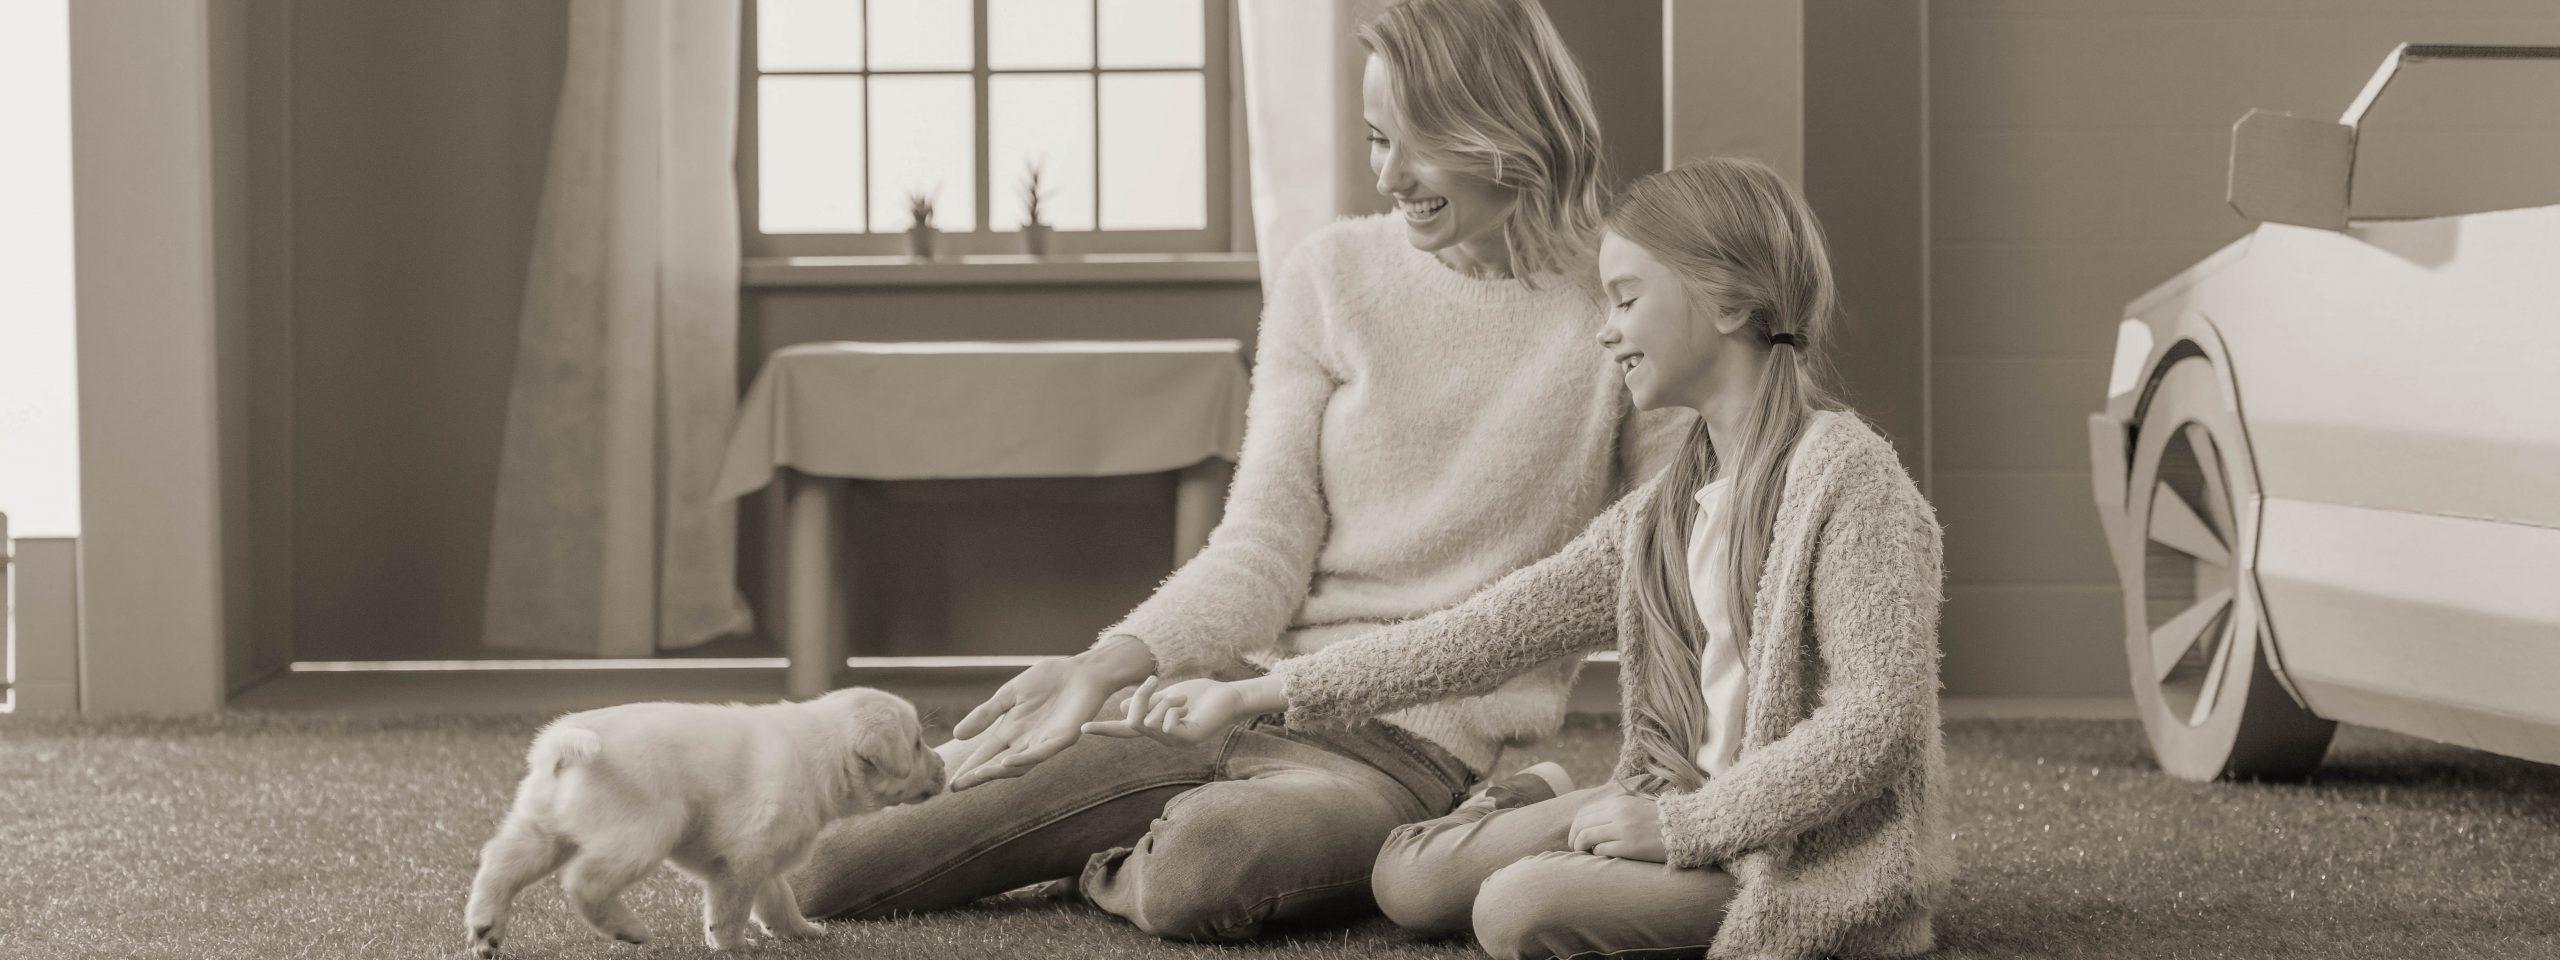 Mutter sitzt mit der Tochter am Boden und locken einen Welpen zu sich